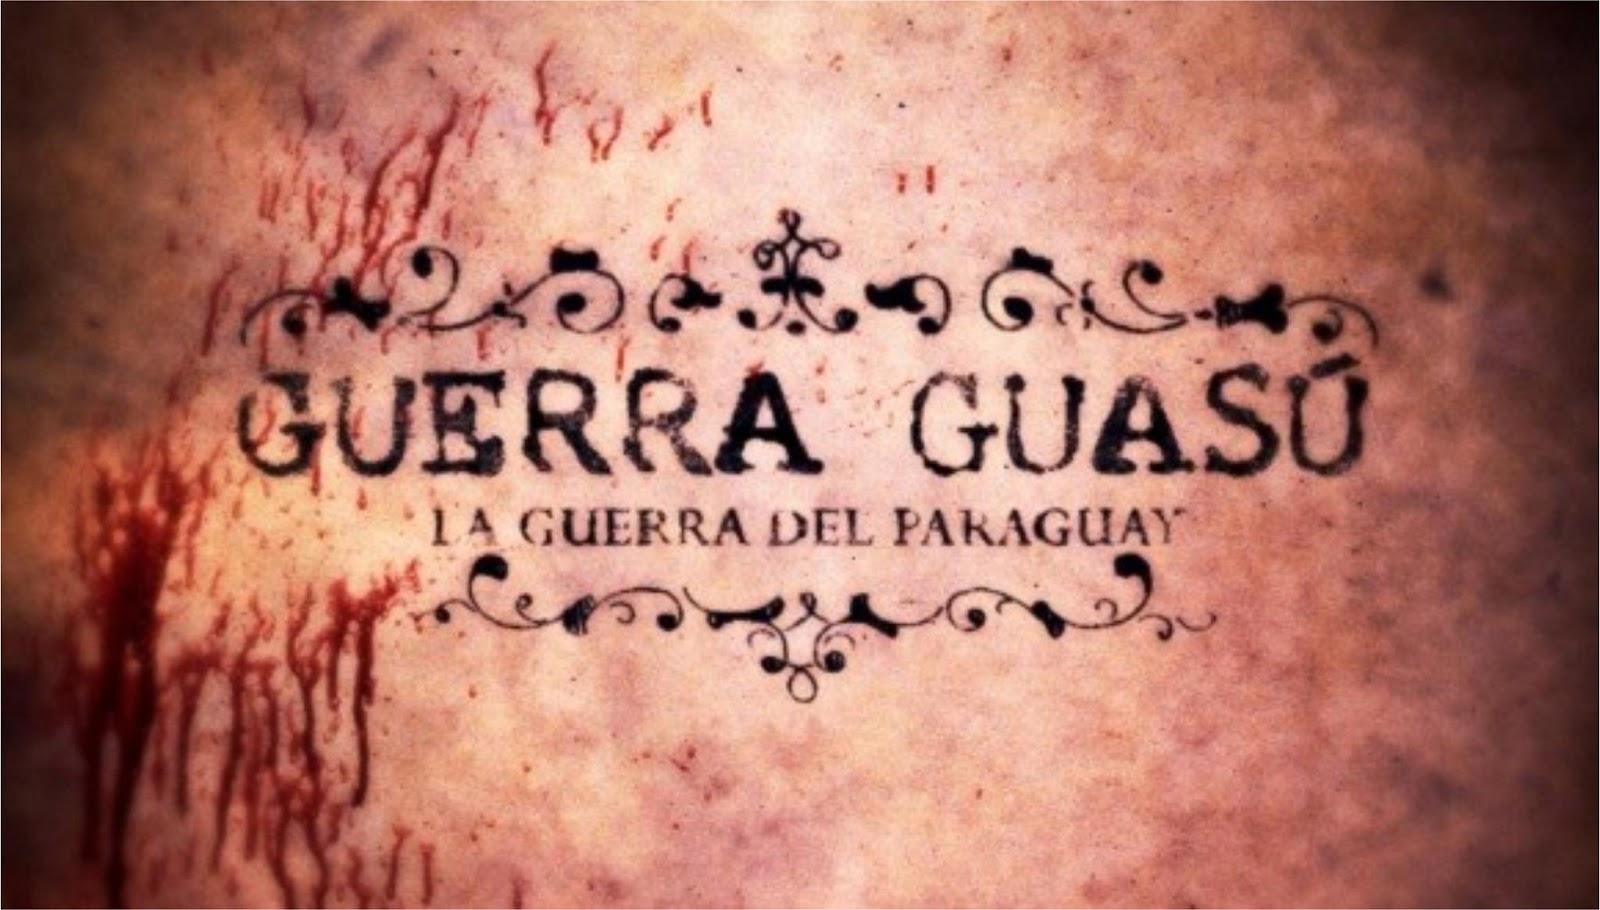 http://4.bp.blogspot.com/-aaipNuVxPiE/UIMAROcdTeI/AAAAAAAAOZY/A2j_R19otNc/s1600/GUERRA+GUAS%C3%9A+-+LA+GUERRA+DEL+PARAGUAY.jpg